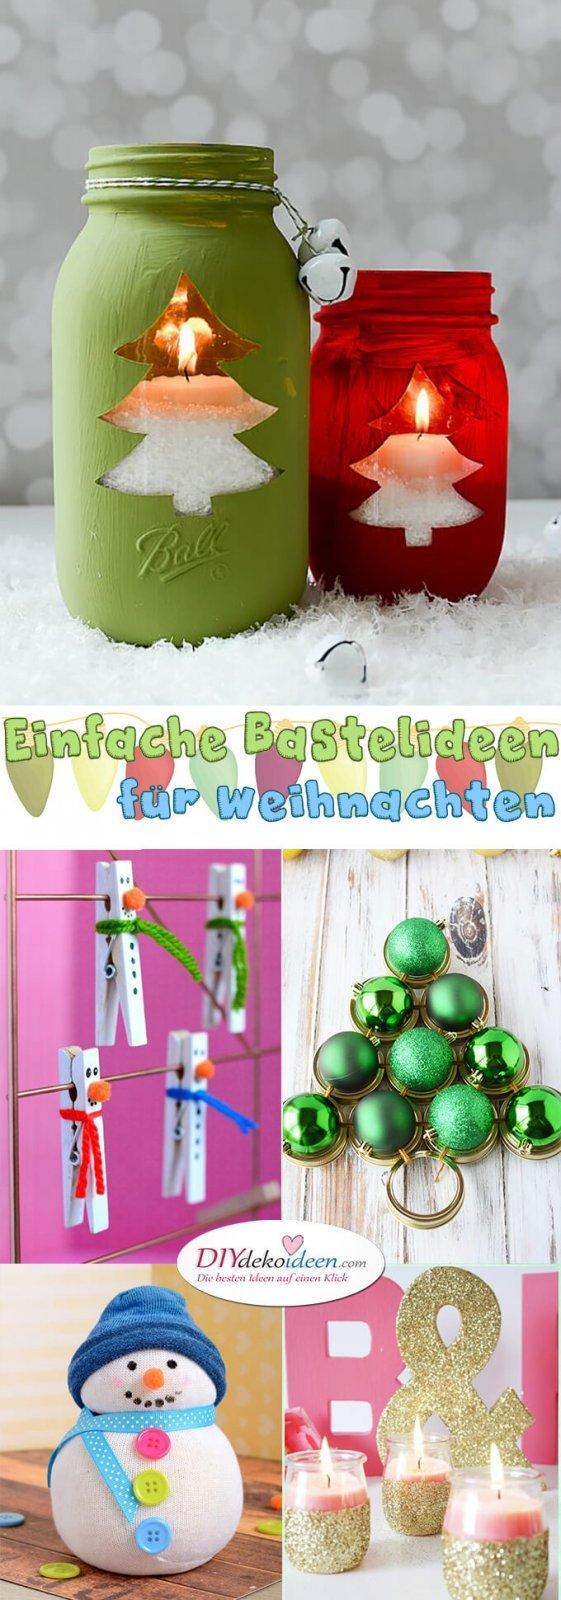 Einfache Bastelideen Für Weihnachten Die Freude Bringen